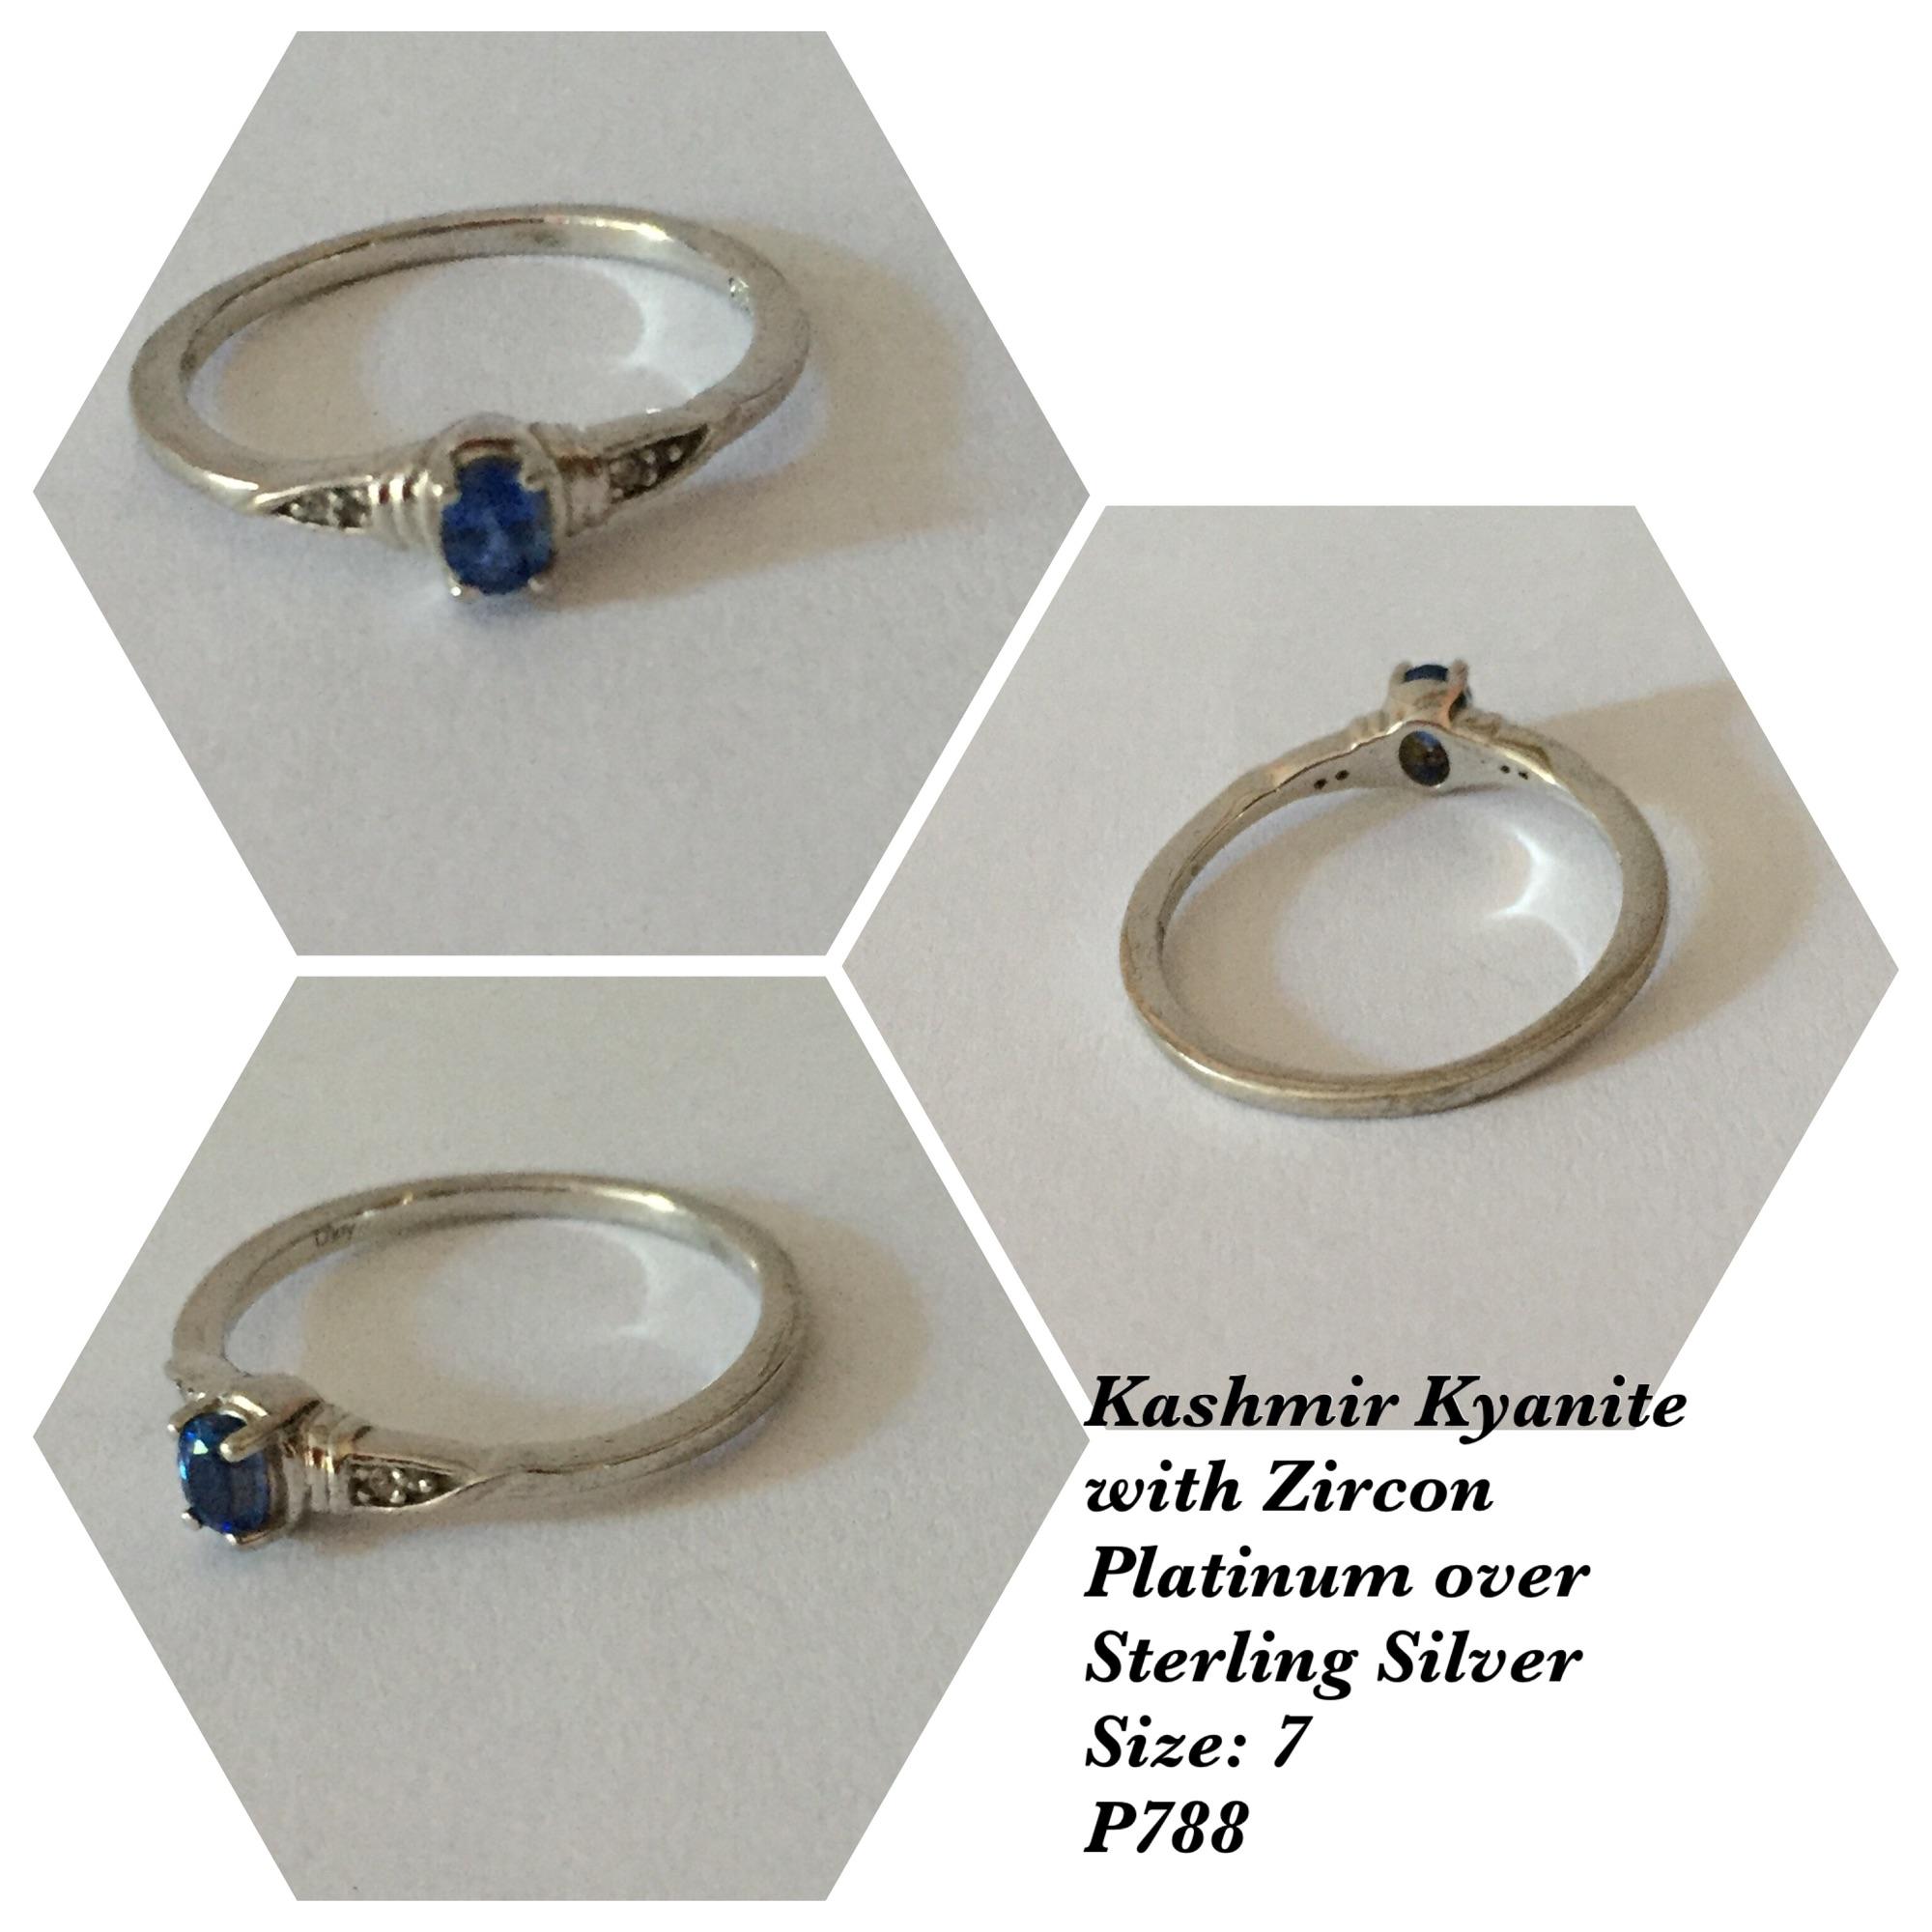 Kyanite Stainless Steel Earrings and Ring sz 7